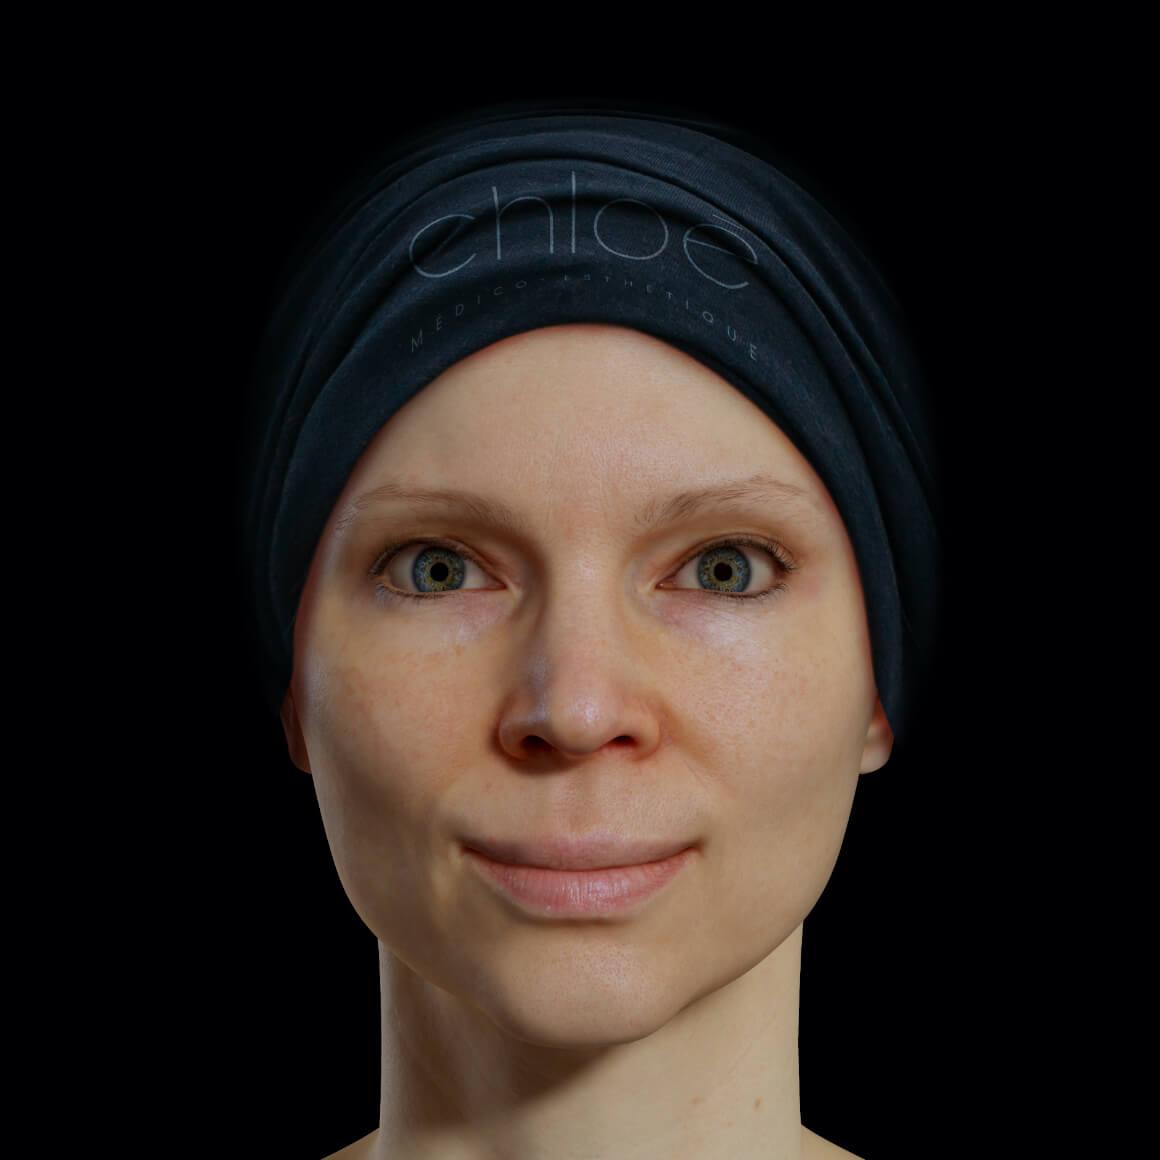 Patiente de la Clinique Chloé positionnée de face après des injections de neuromodulateurs pour le lifting des paupières